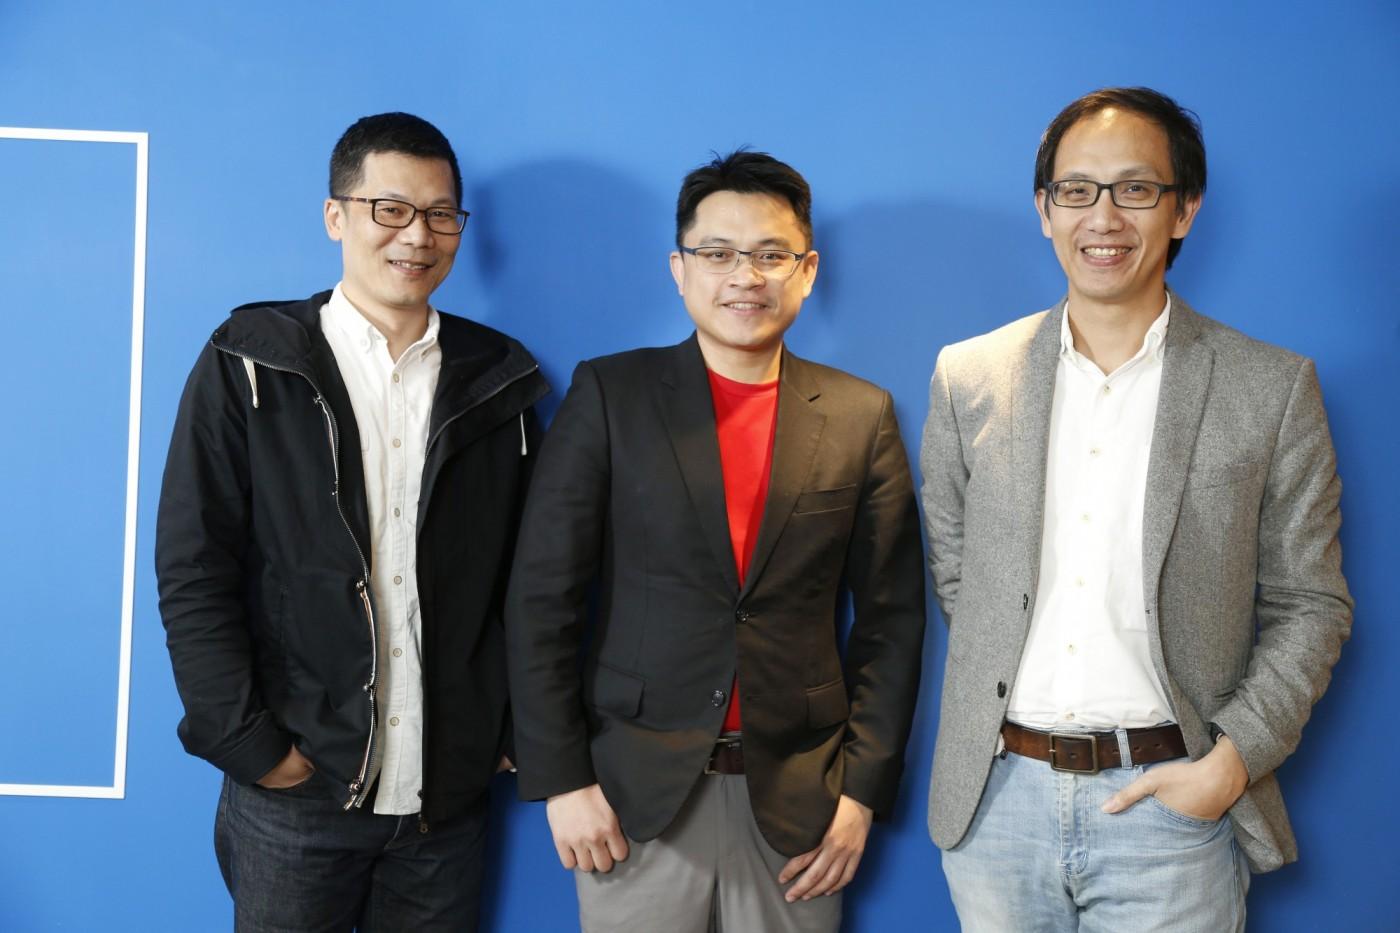 愛卡拉、鴻海子公司富盈數據都投資!ECFIT獲千萬投資,打造電商、新零售業者專用CRM工具